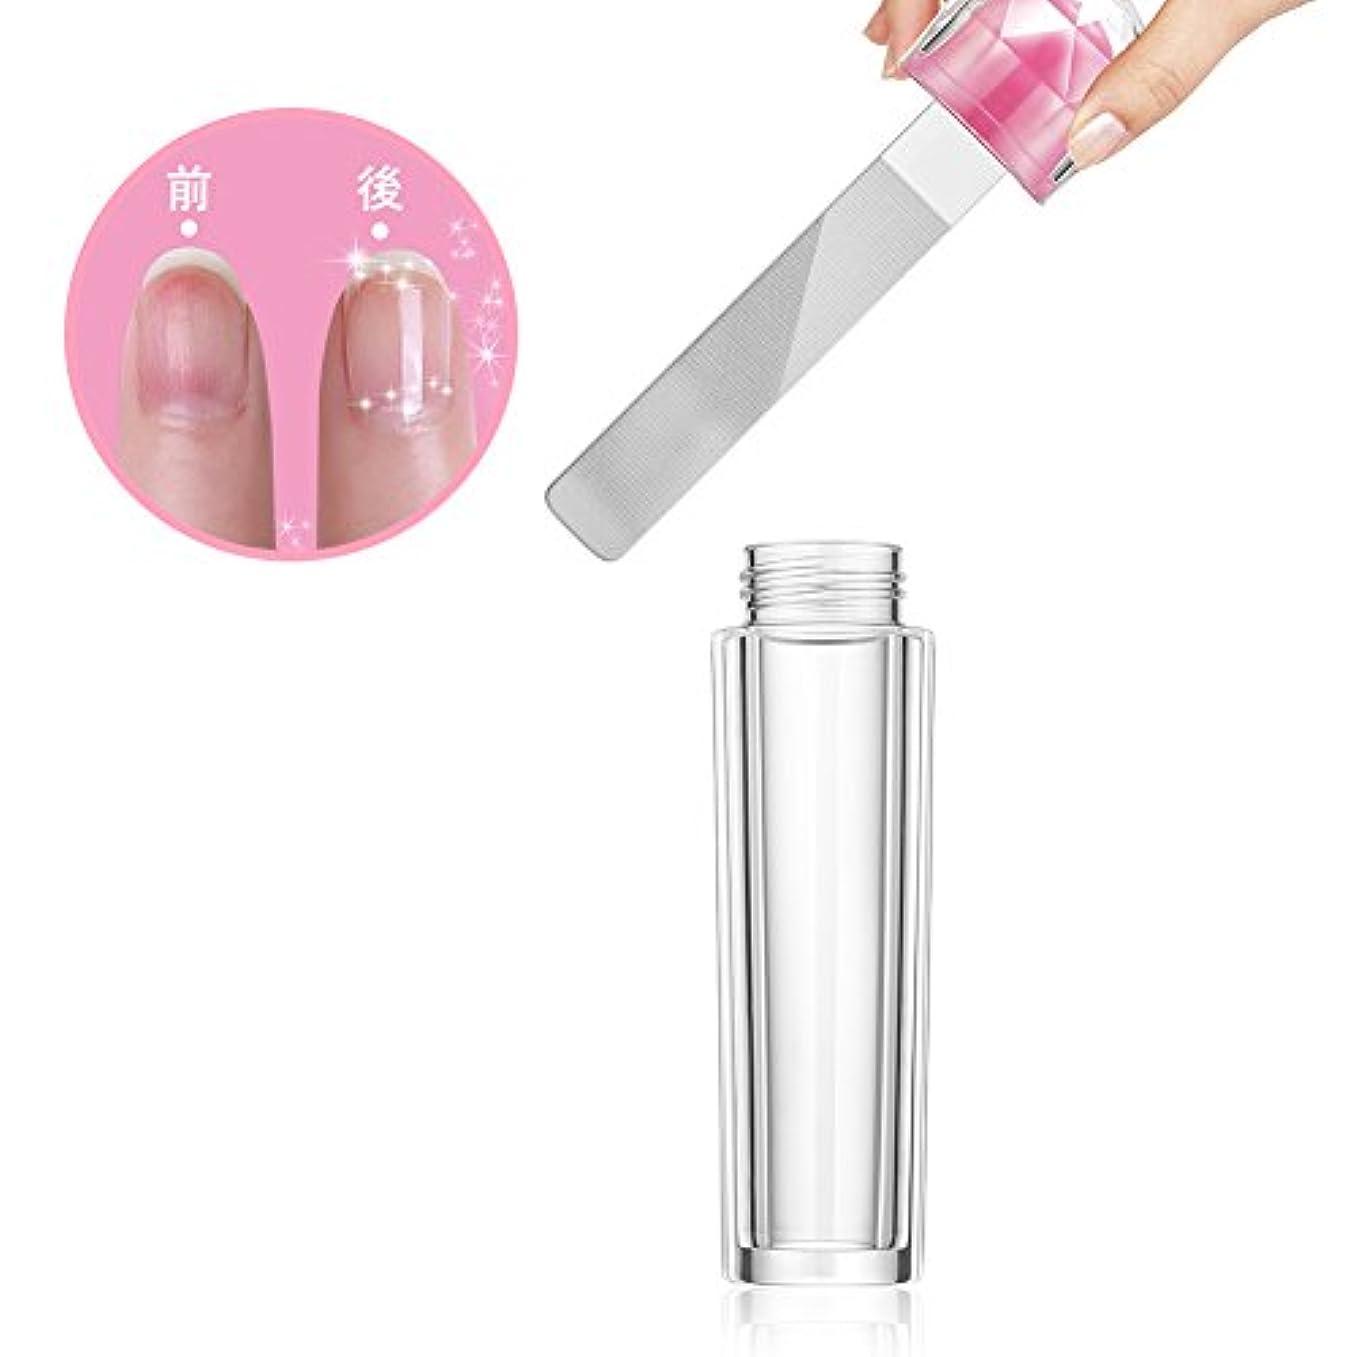 染色あまりにもメディアガラス製 爪やすり 爪磨き ネイルケア ケース付き ネイルシャイナー ネイルケア (1個) (1個)